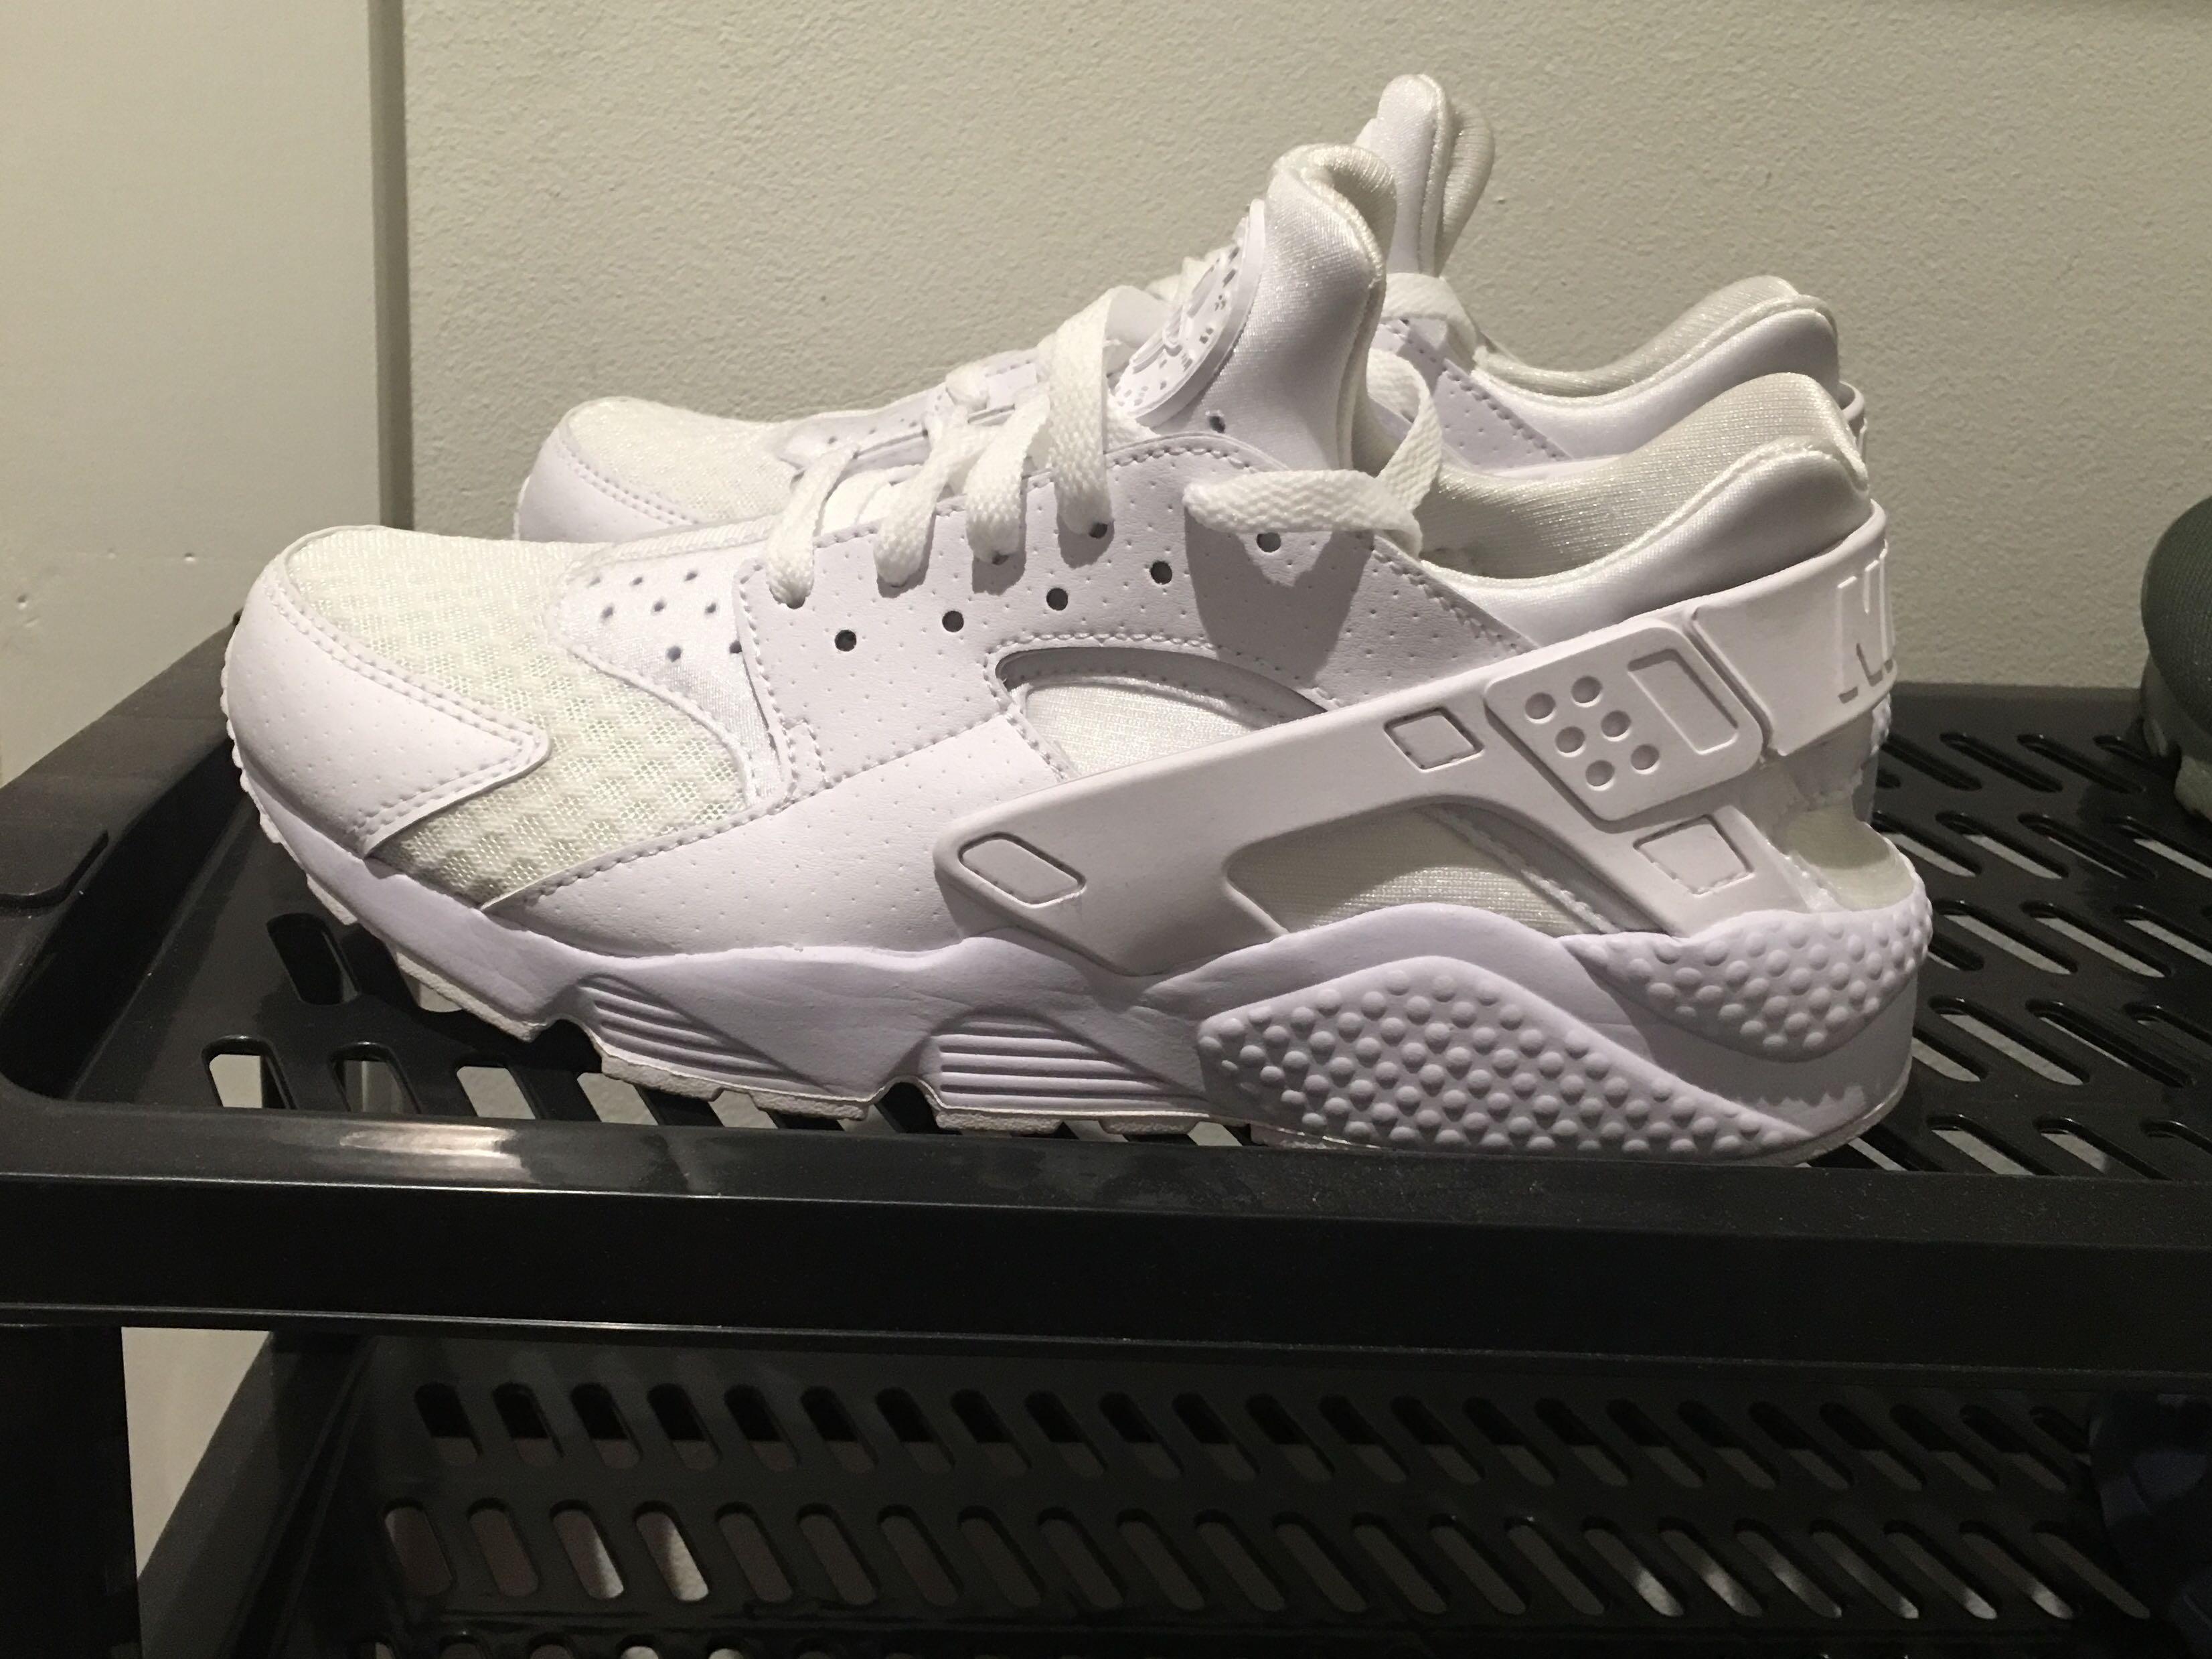 White Nike Huarache Sneakers